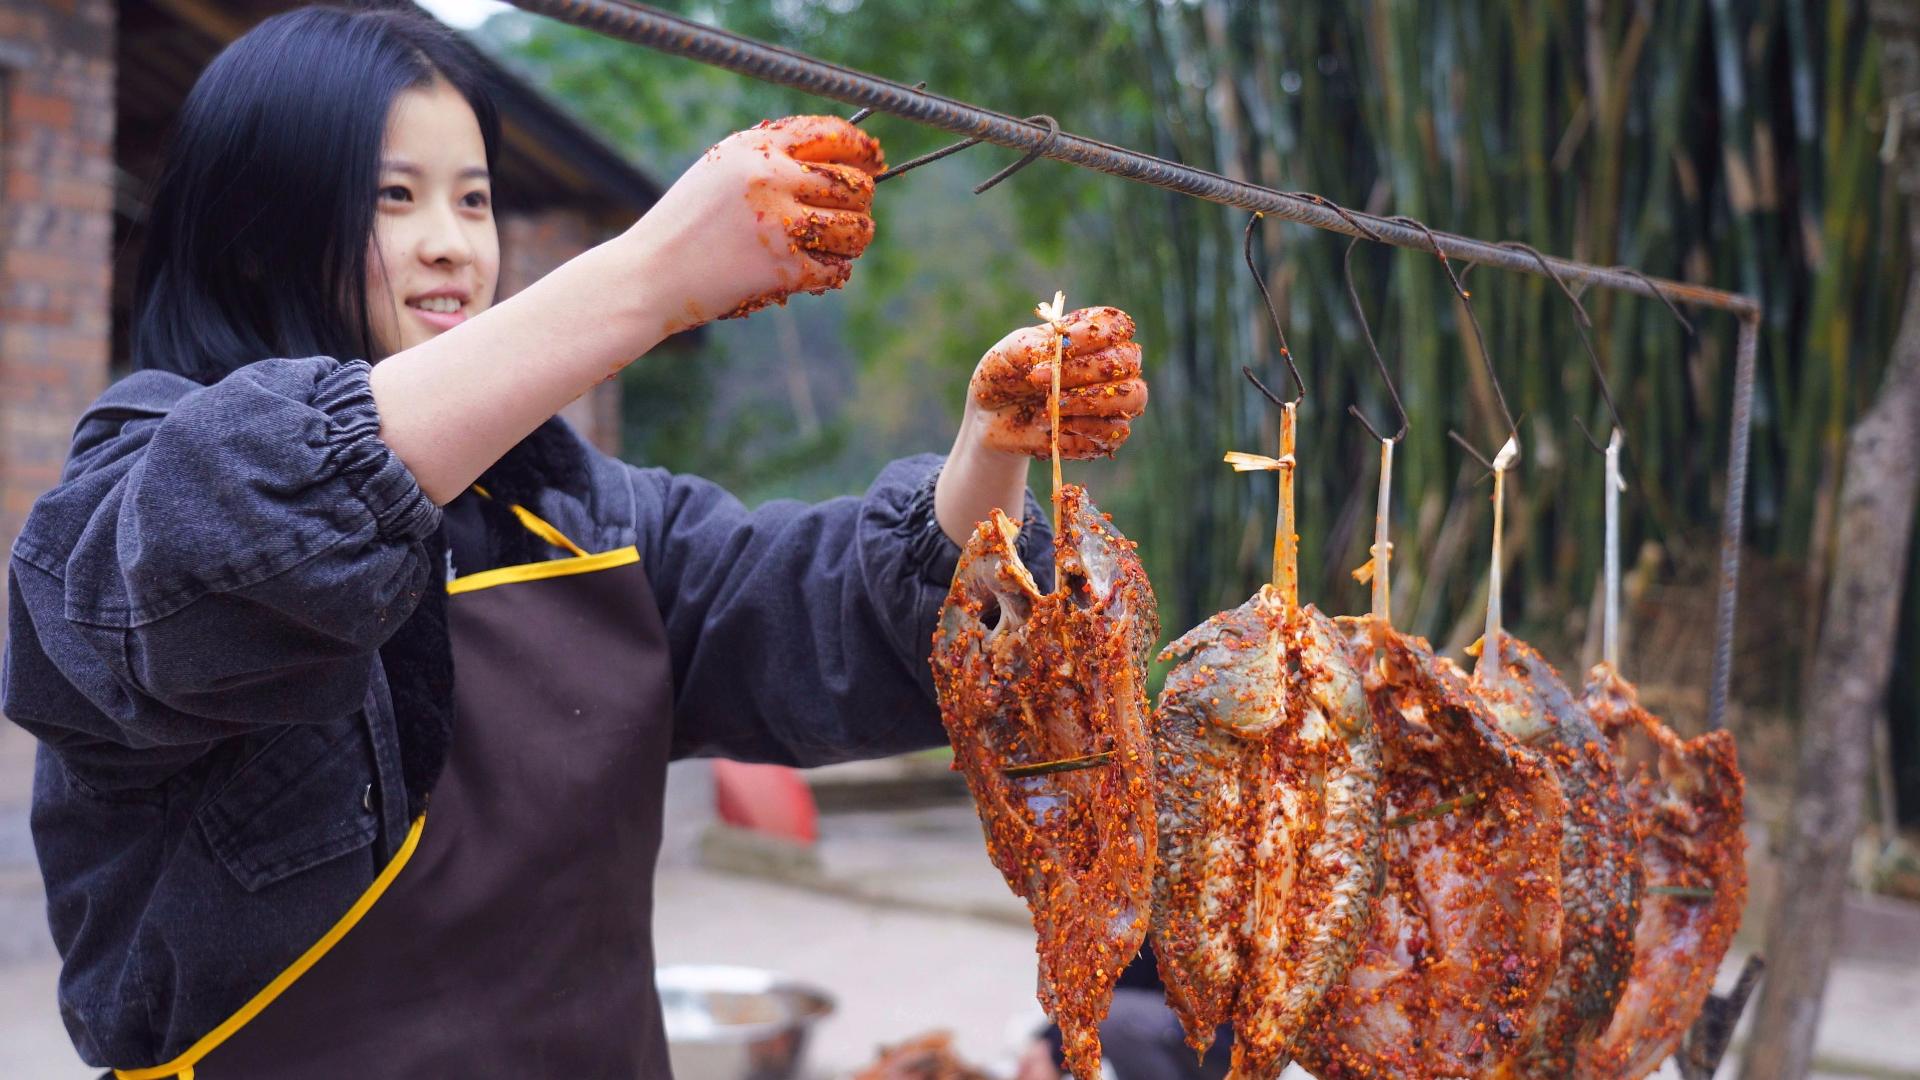 漆二娃vlog:腊鱼腌制好了,又抹了不少花椒和辣椒防止猫偷吃